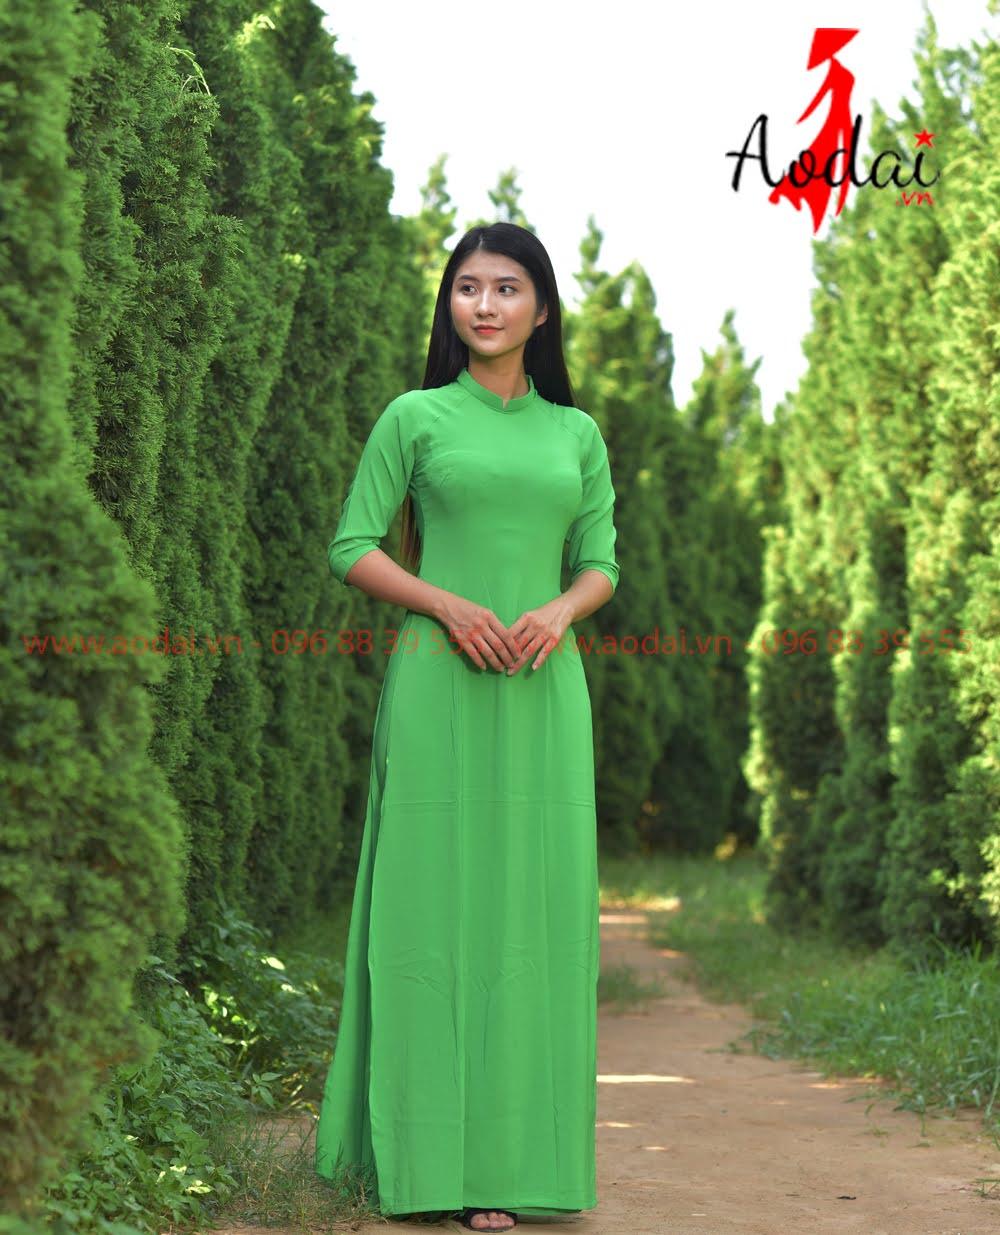 In áo dài tại Phú Thọ